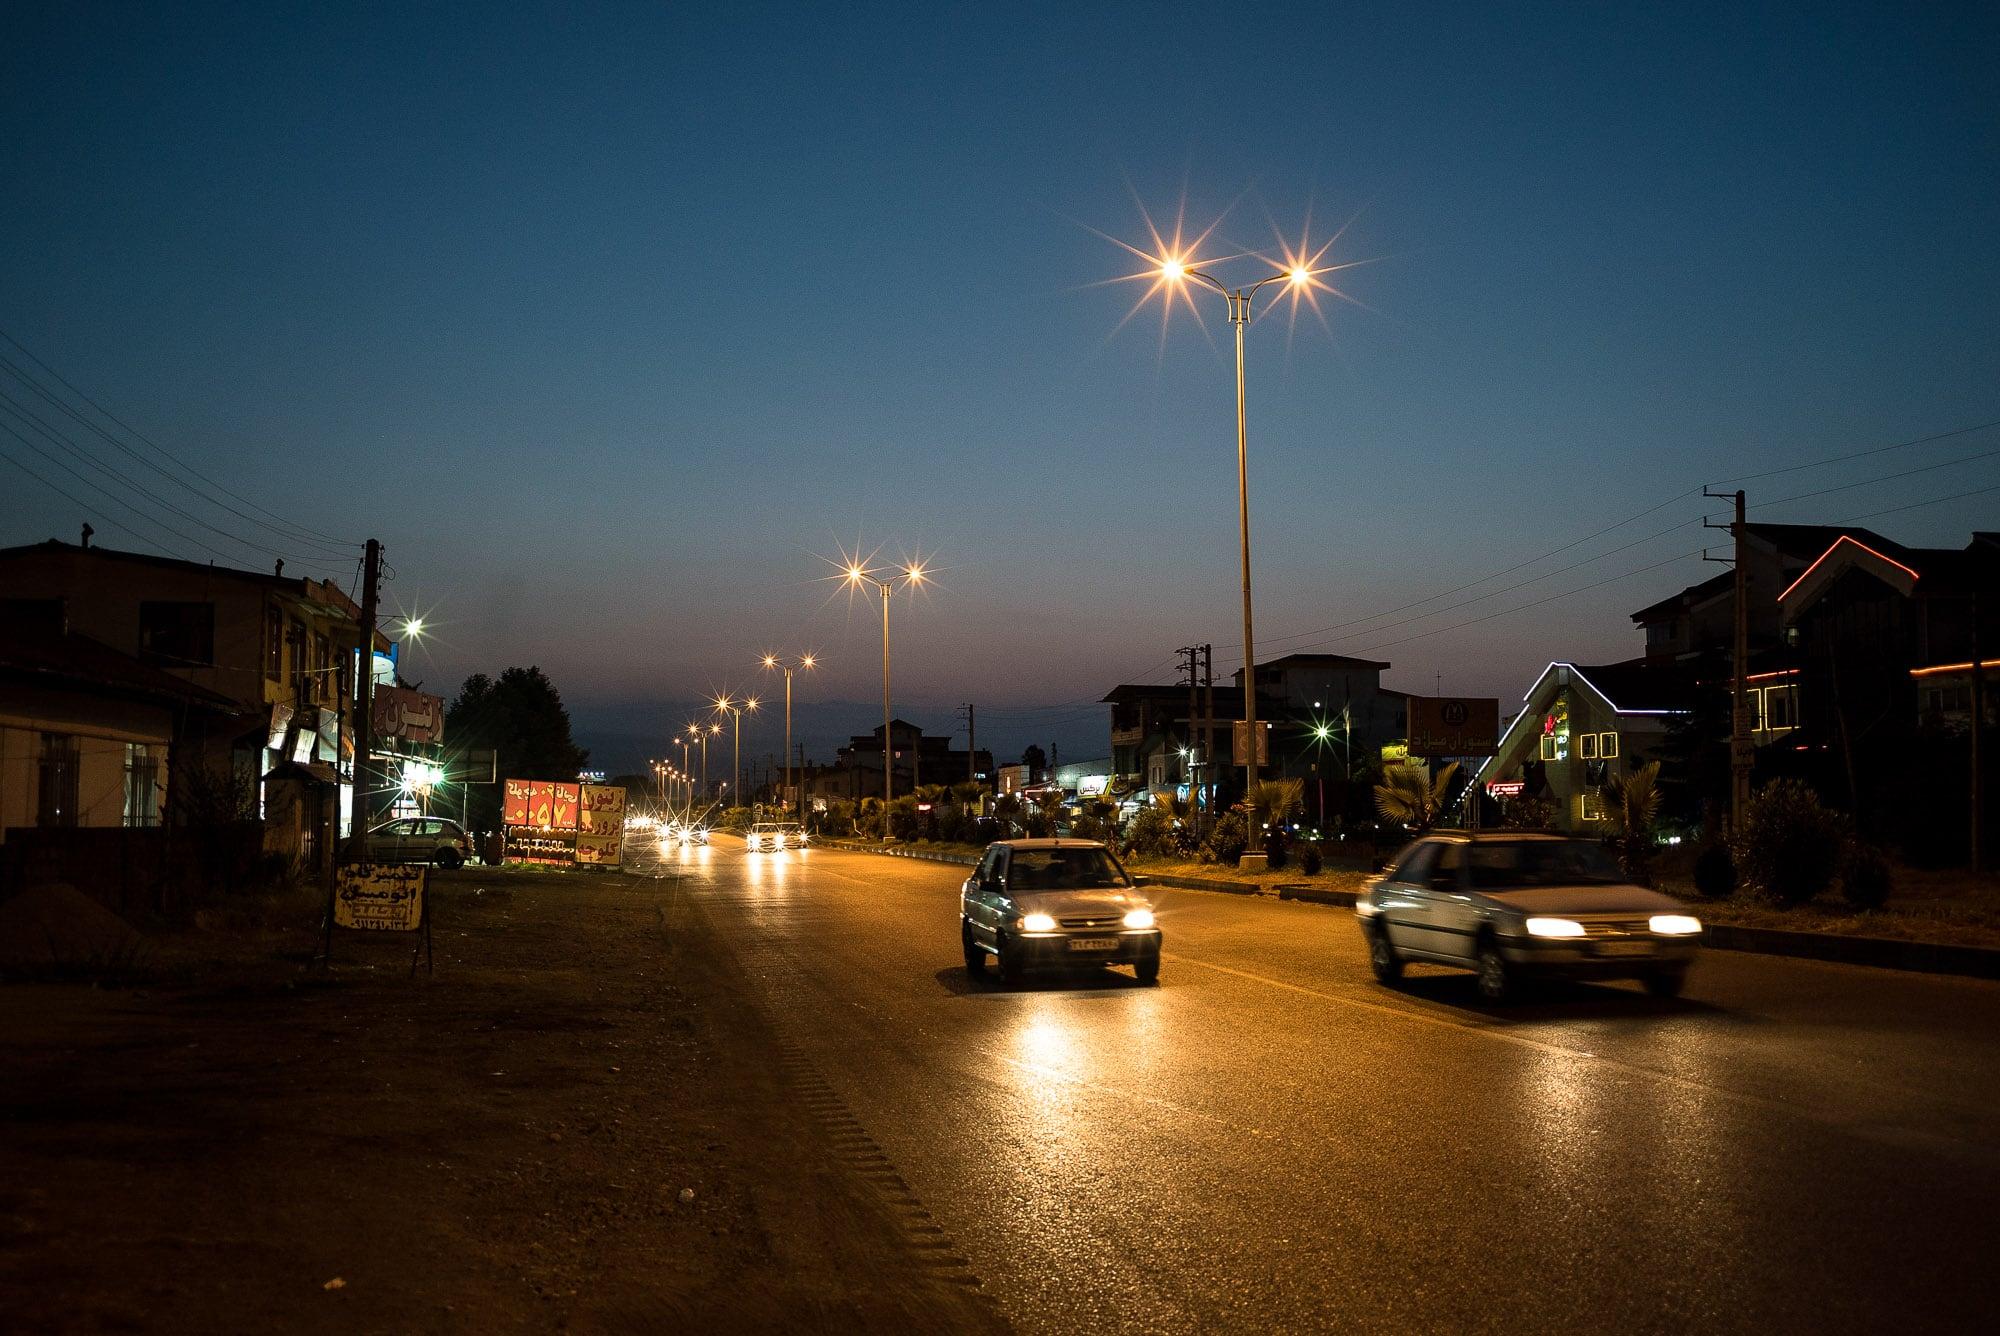 road to Tonekabon at night